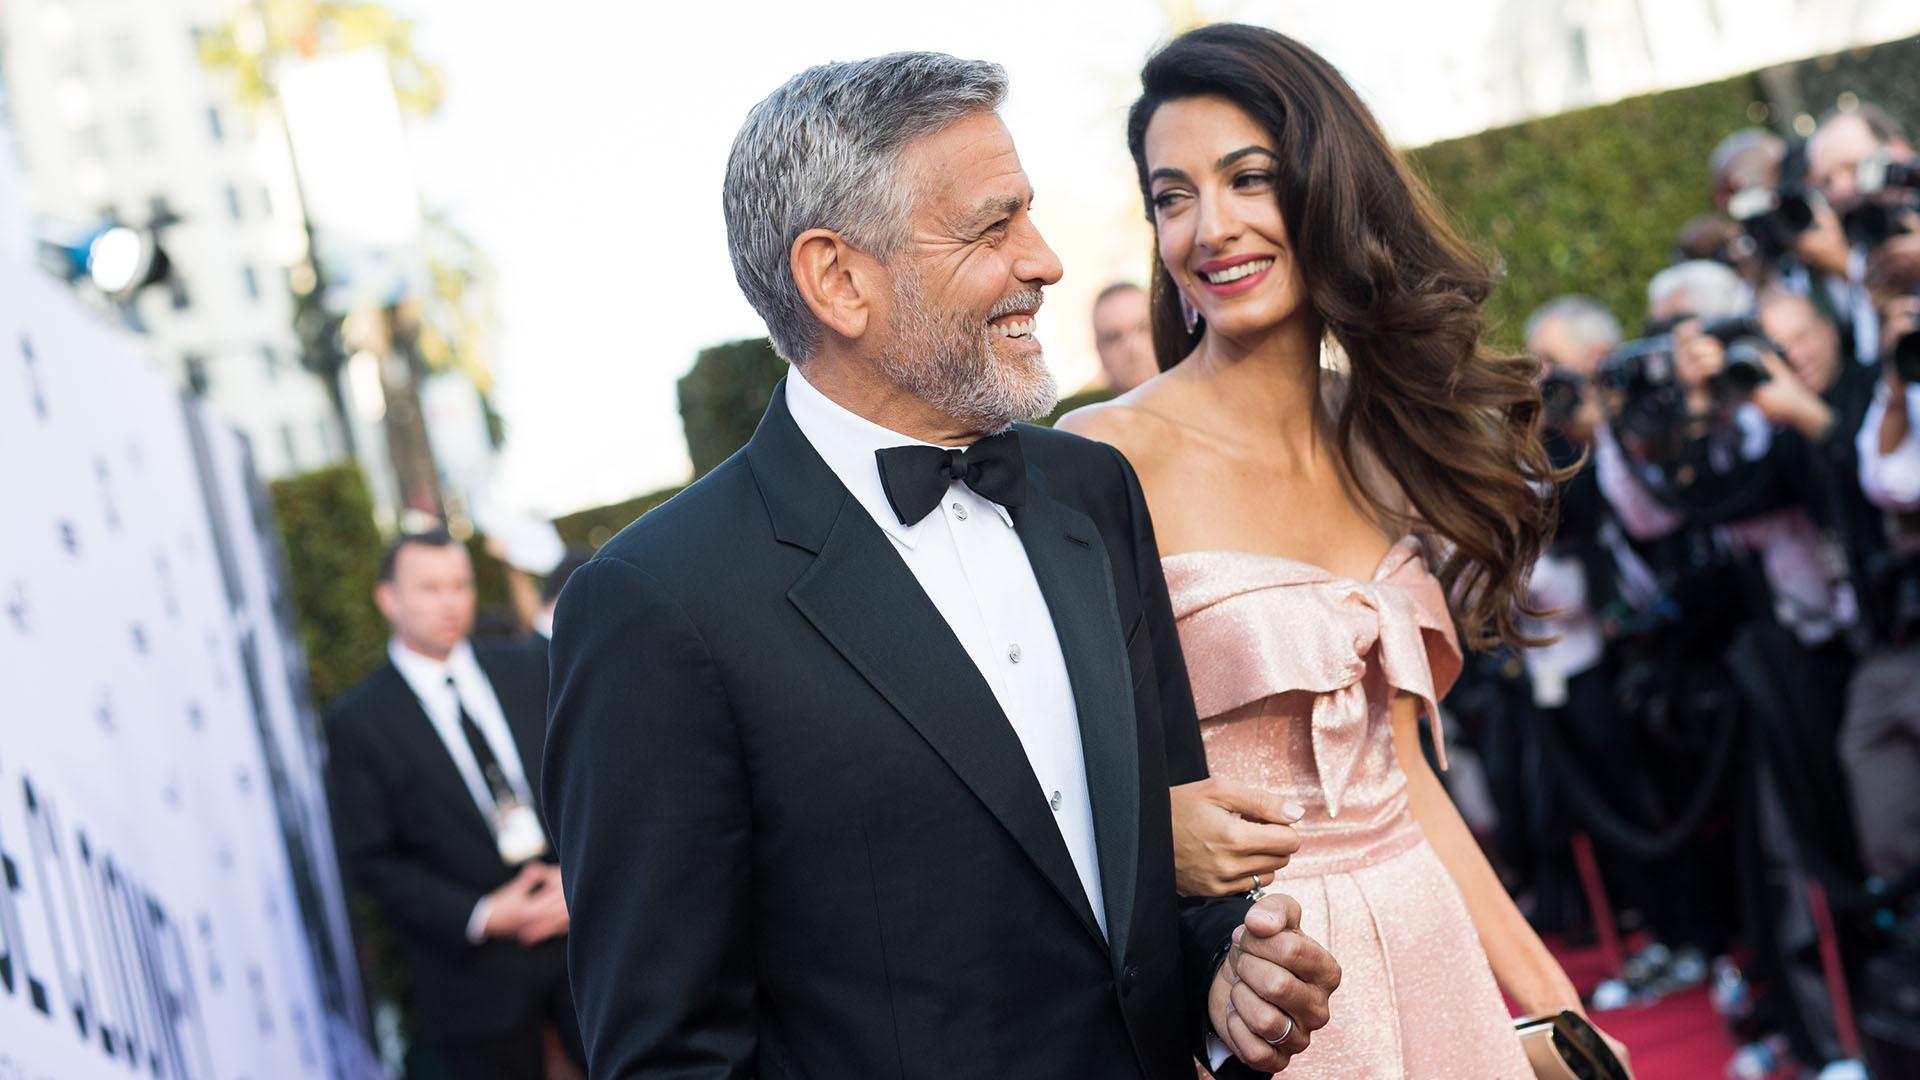 A los 57 años, George Clooney se encuentra en una etapa de plenitud, tanto en lo personal como en lo profesional. Acompañado por su esposa, Amal Clooney, recibió el premio honorario del American Film Institute (AFI)